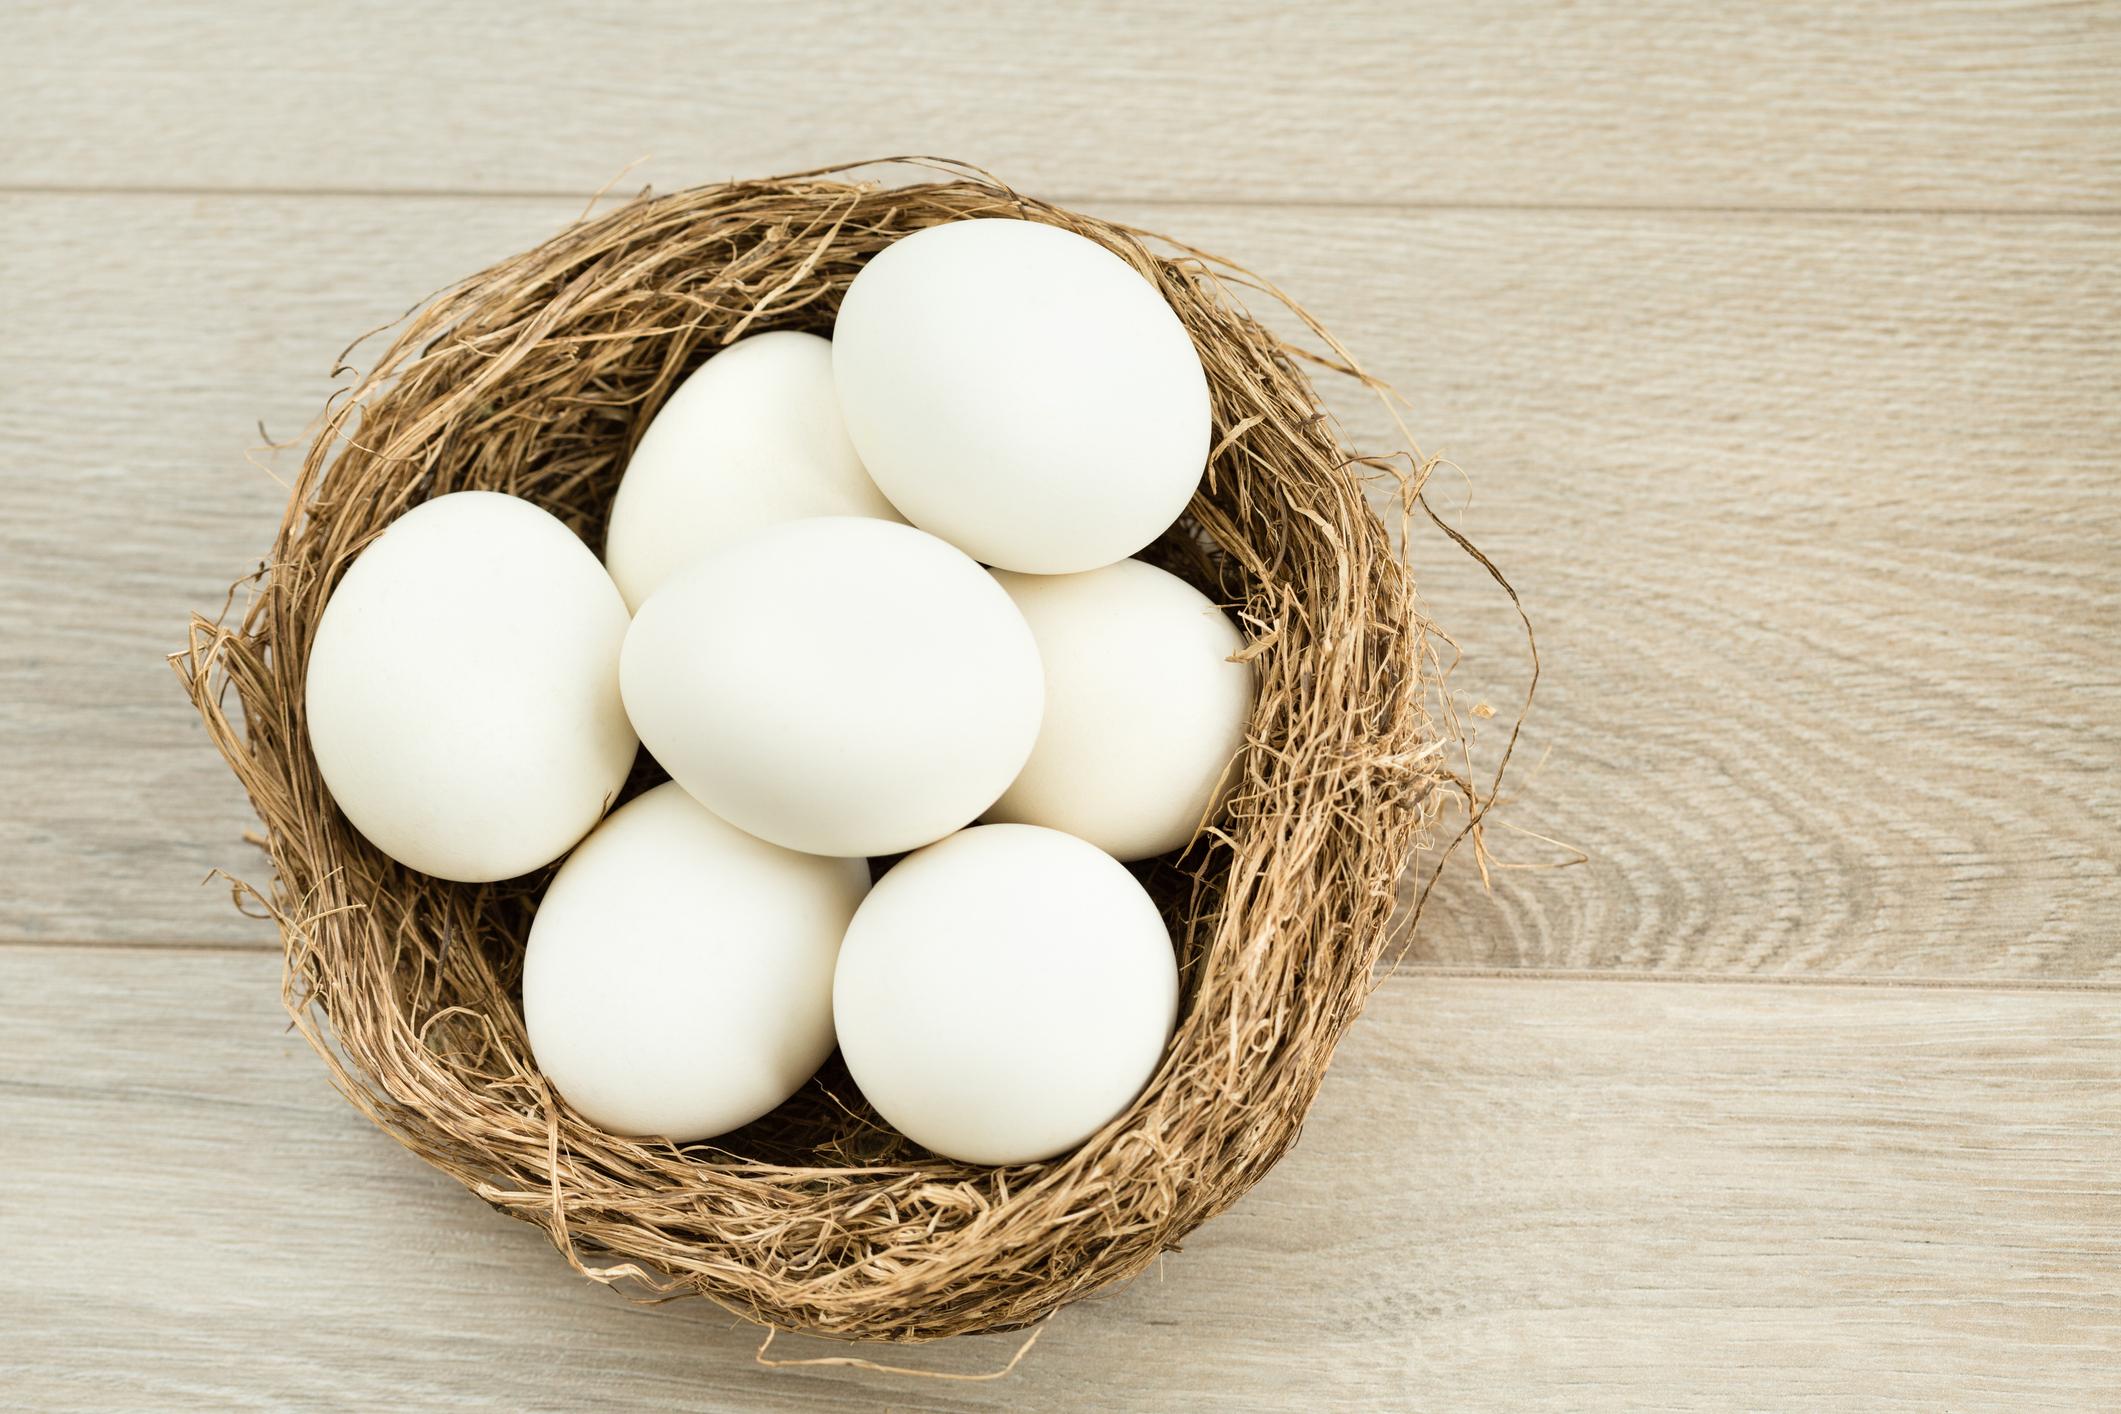 <p><strong>Ще трупате мускулна маса</strong></p>  <p>Яйцата съдържат протеини, важни за мускулите. В много диети се срещат съвети да се изхвърлят жълтъците и да се яде само белтък, но трябва да знаете, че половината протеини всъщност се съдържат в жълтъка.</p>